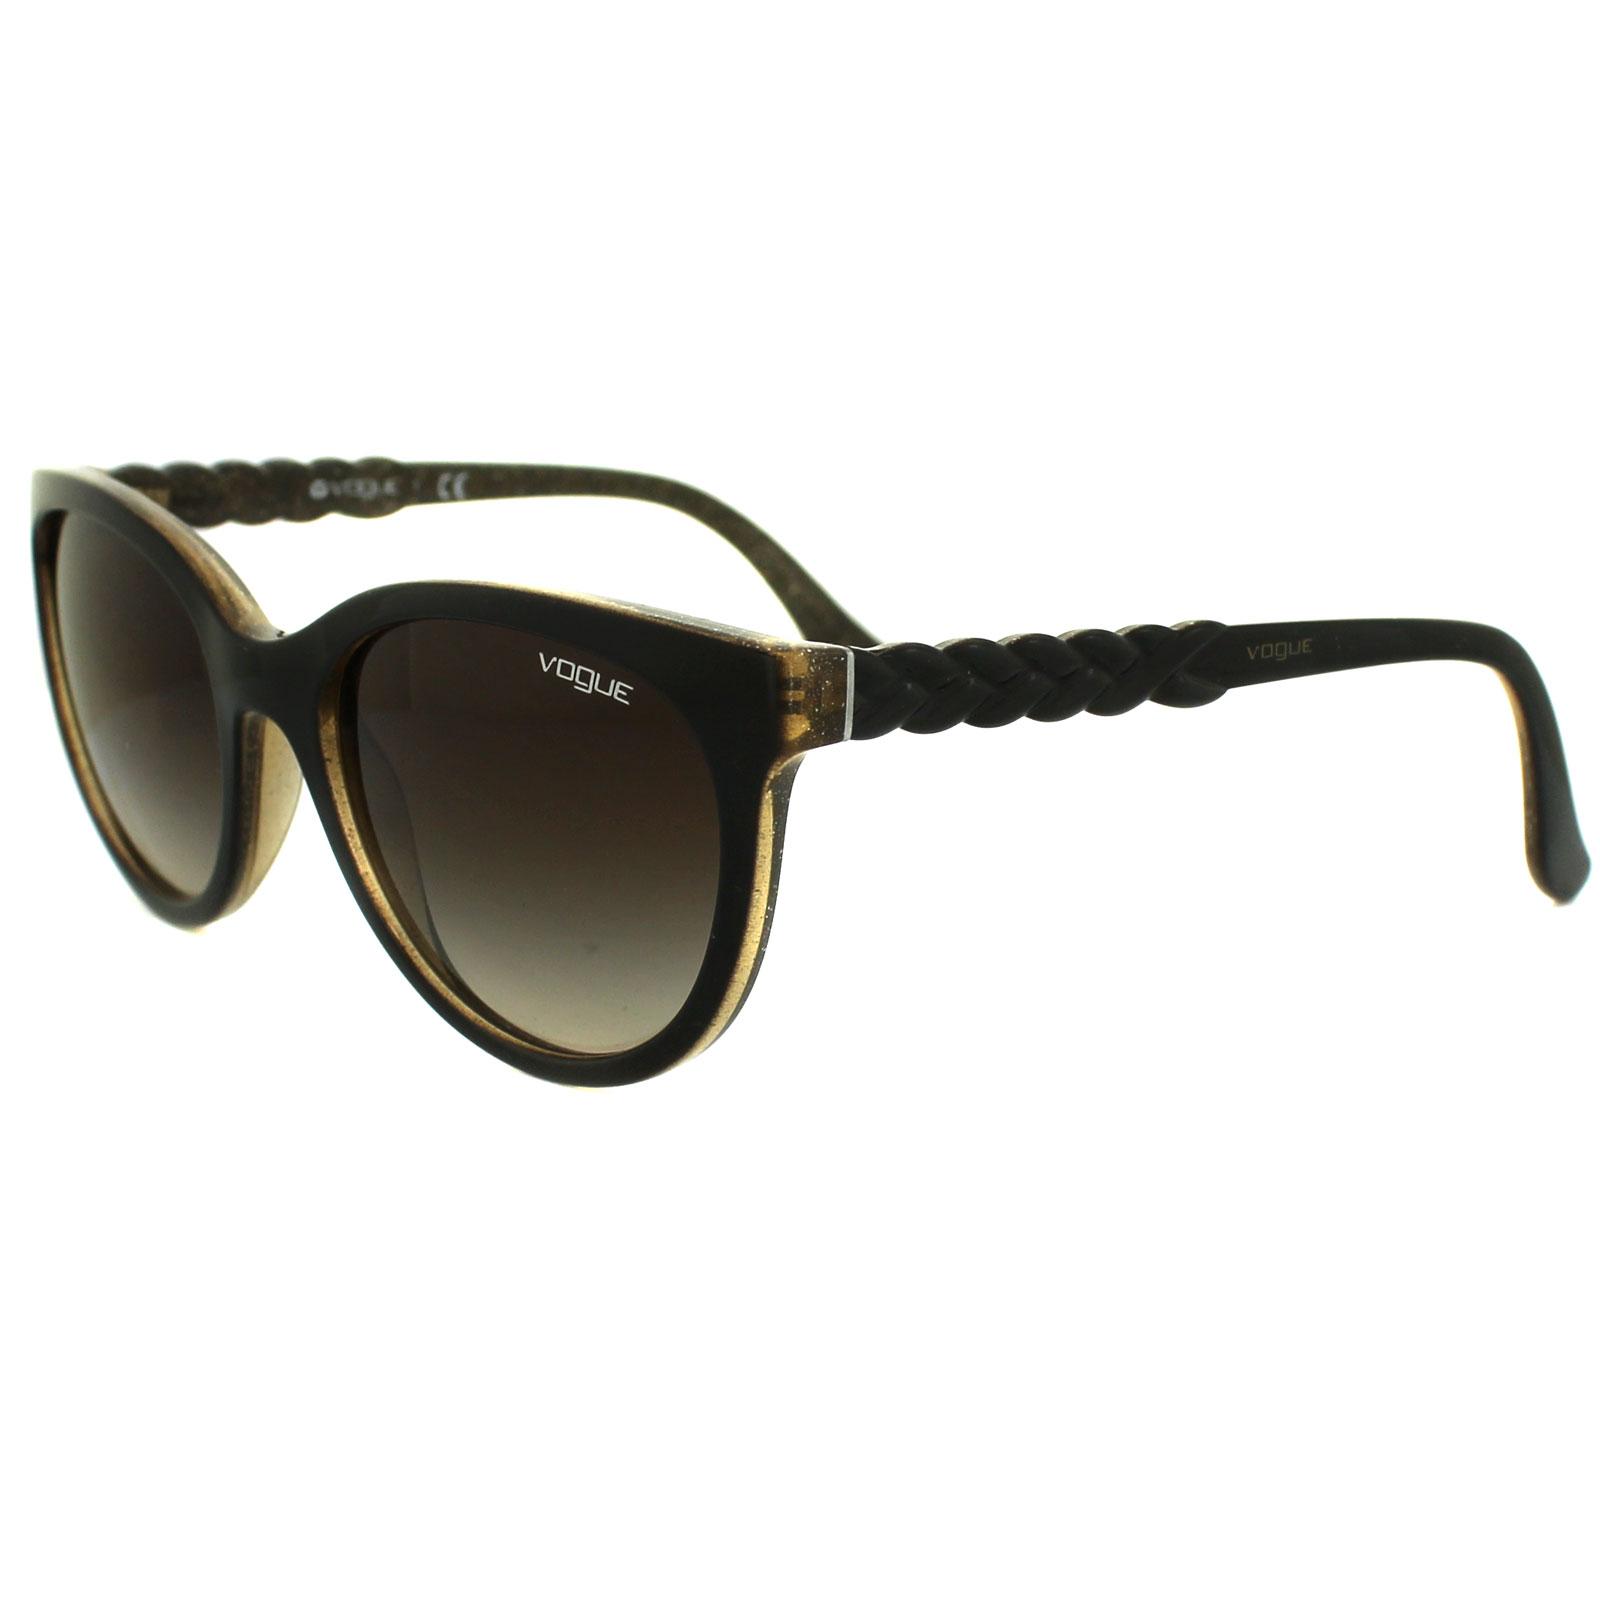 c5570a47e06 Vogue Semi Rimless Eyeglasses « One More Soul